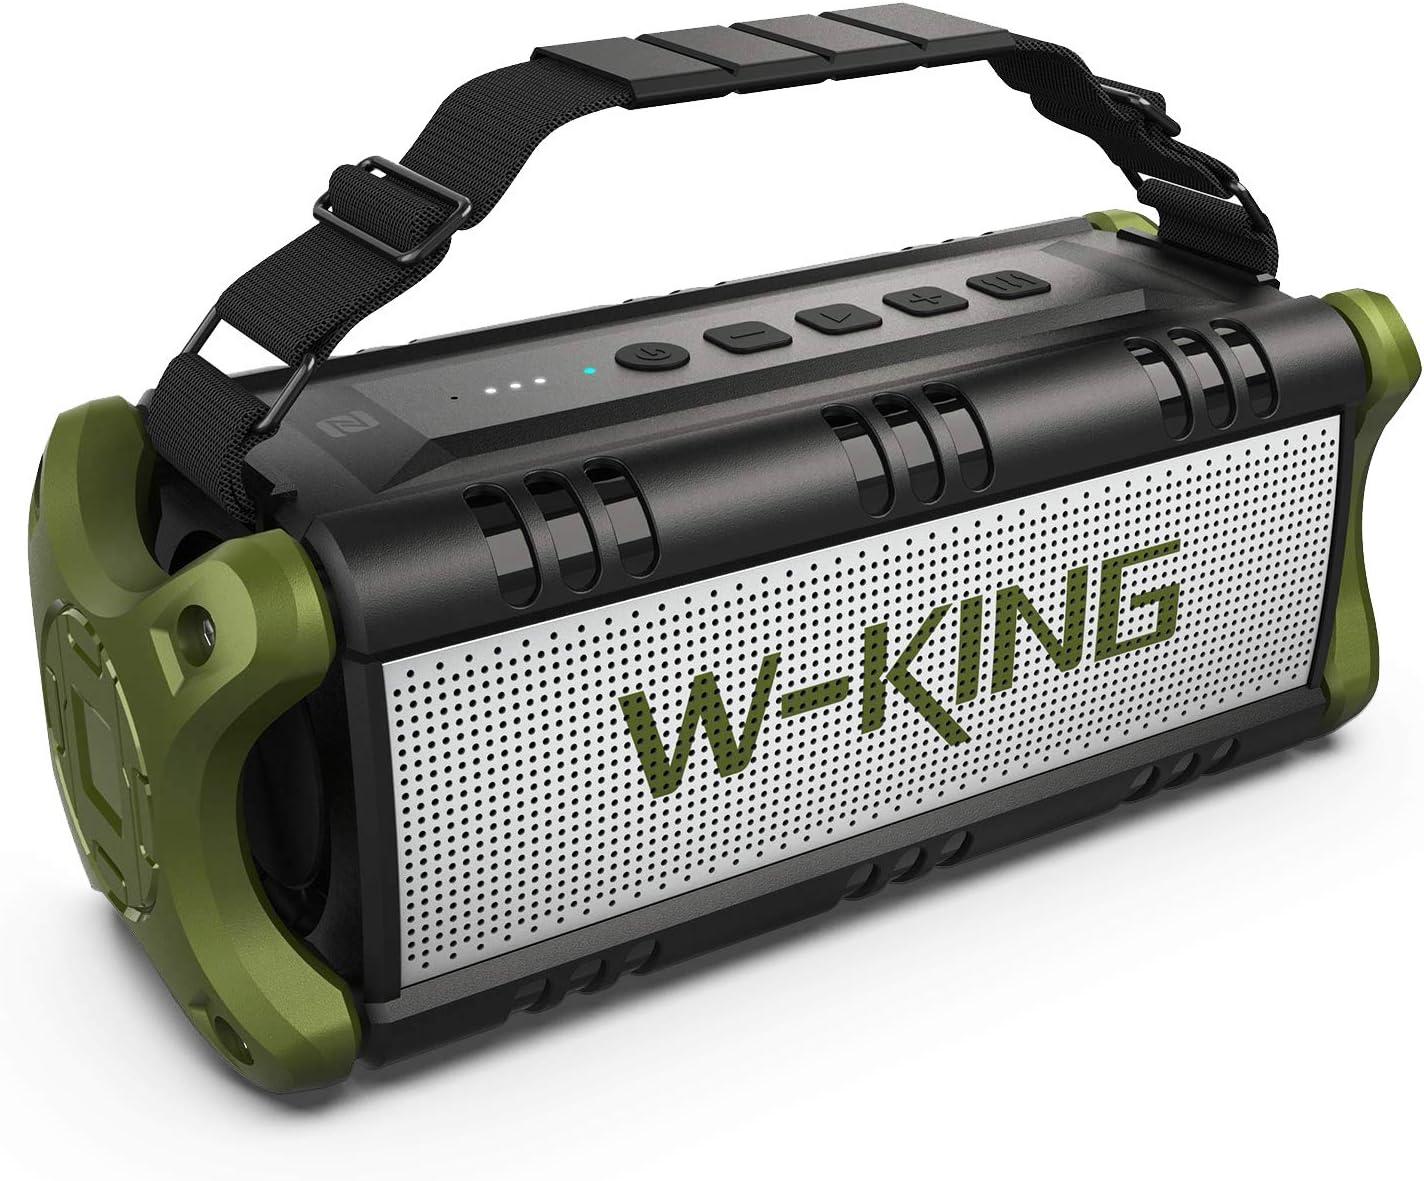 Altavoces Bluetooth 50W(70W Pico), W-KING Altavoces Inalámbricos con 8000mAh Batería Powerbank, Exterior Portátiles Impermeable, TWS, Efecto de Triple Bajo, Subwoofer TWS con NFC